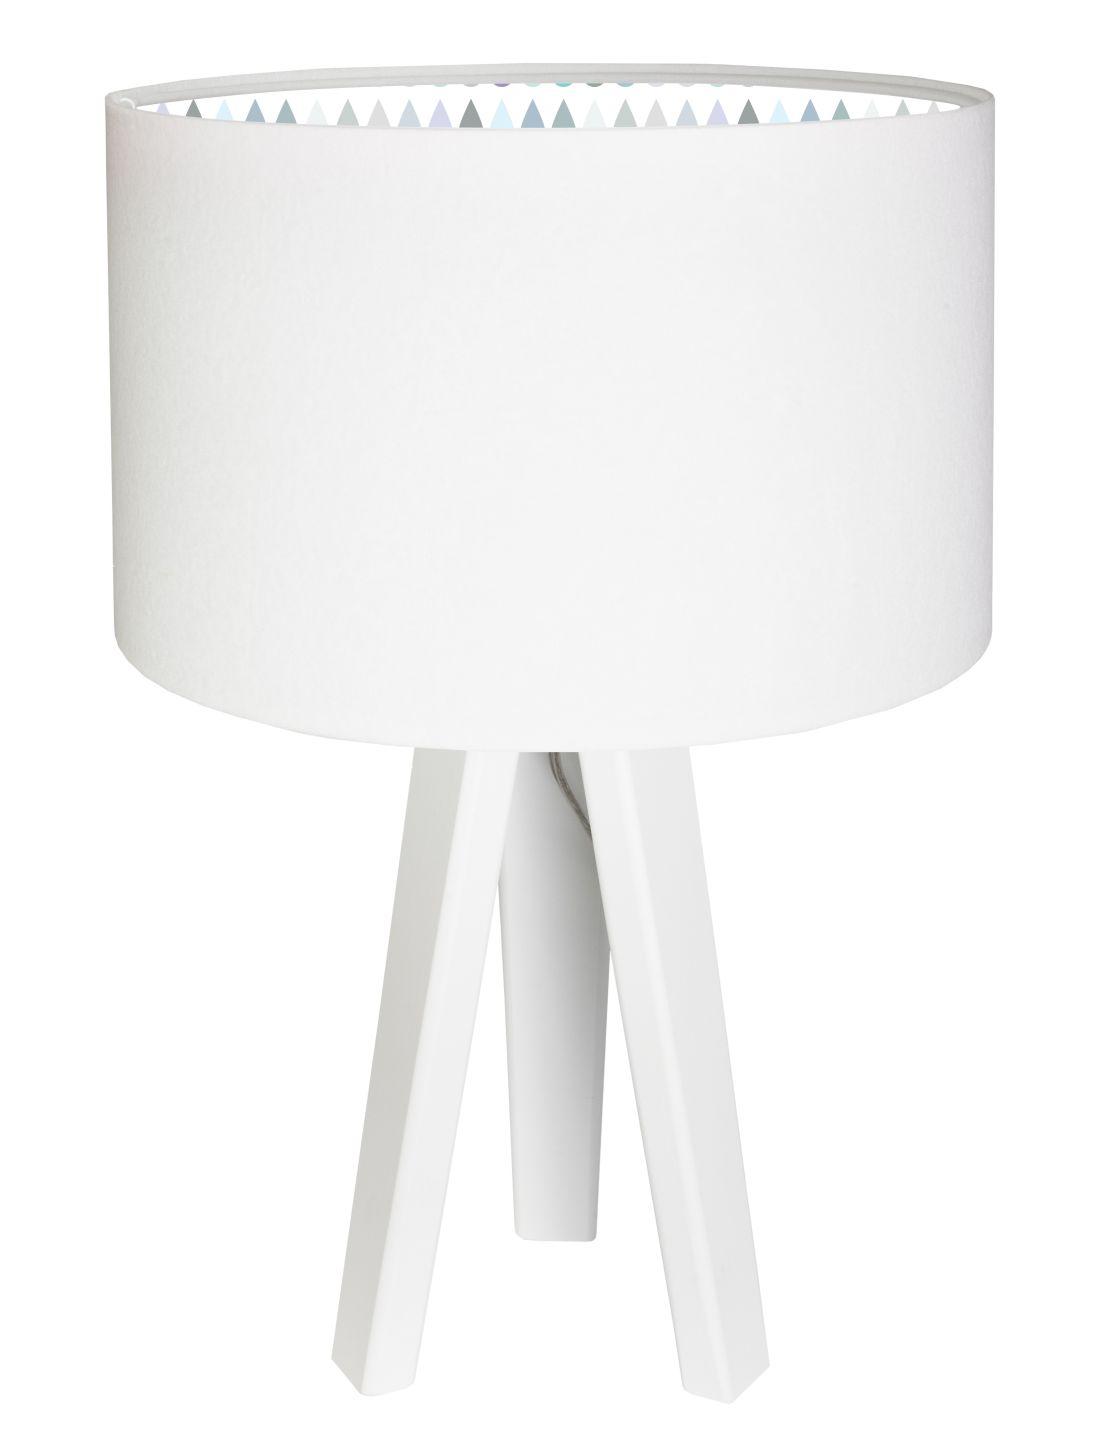 Tischleuchte Dreibein Kinderlampe Weiß Bunt Holz